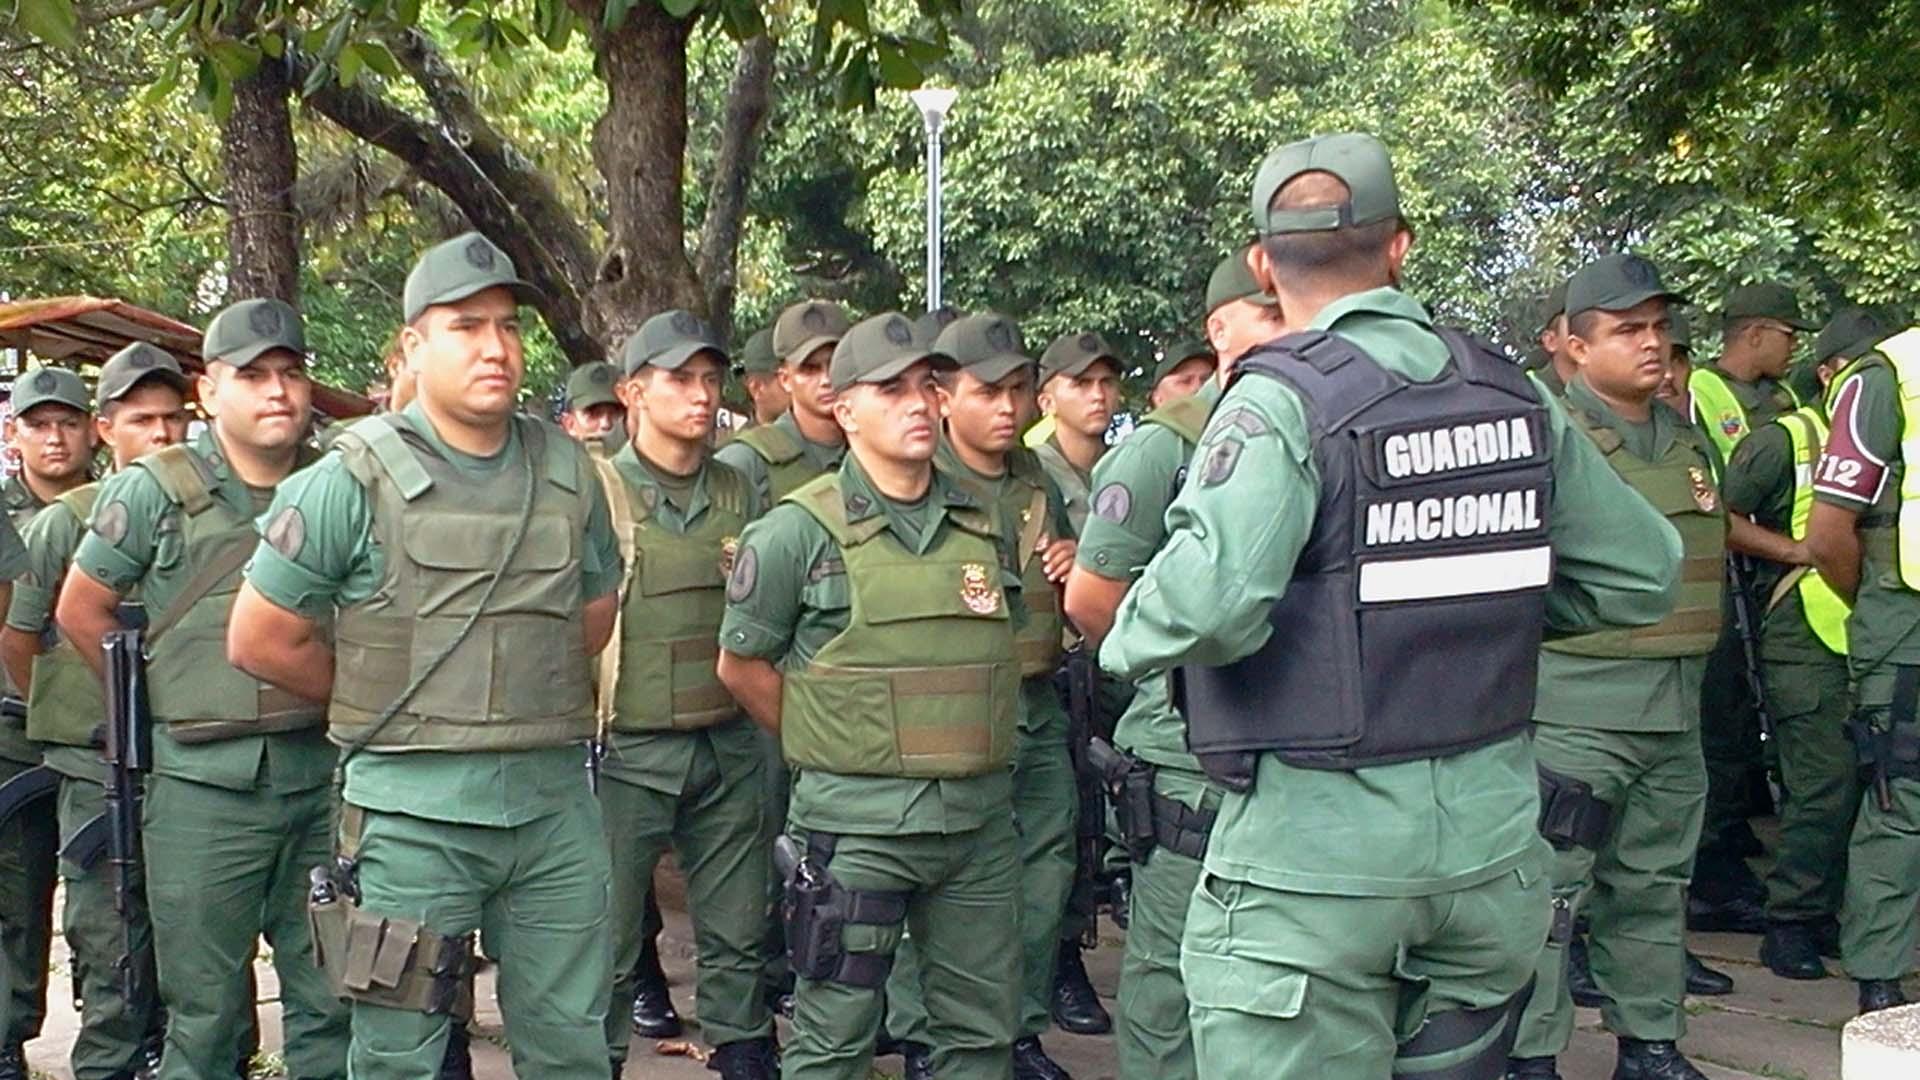 Los efectivos antidrogas fueron encontrados en Valles del Tuy